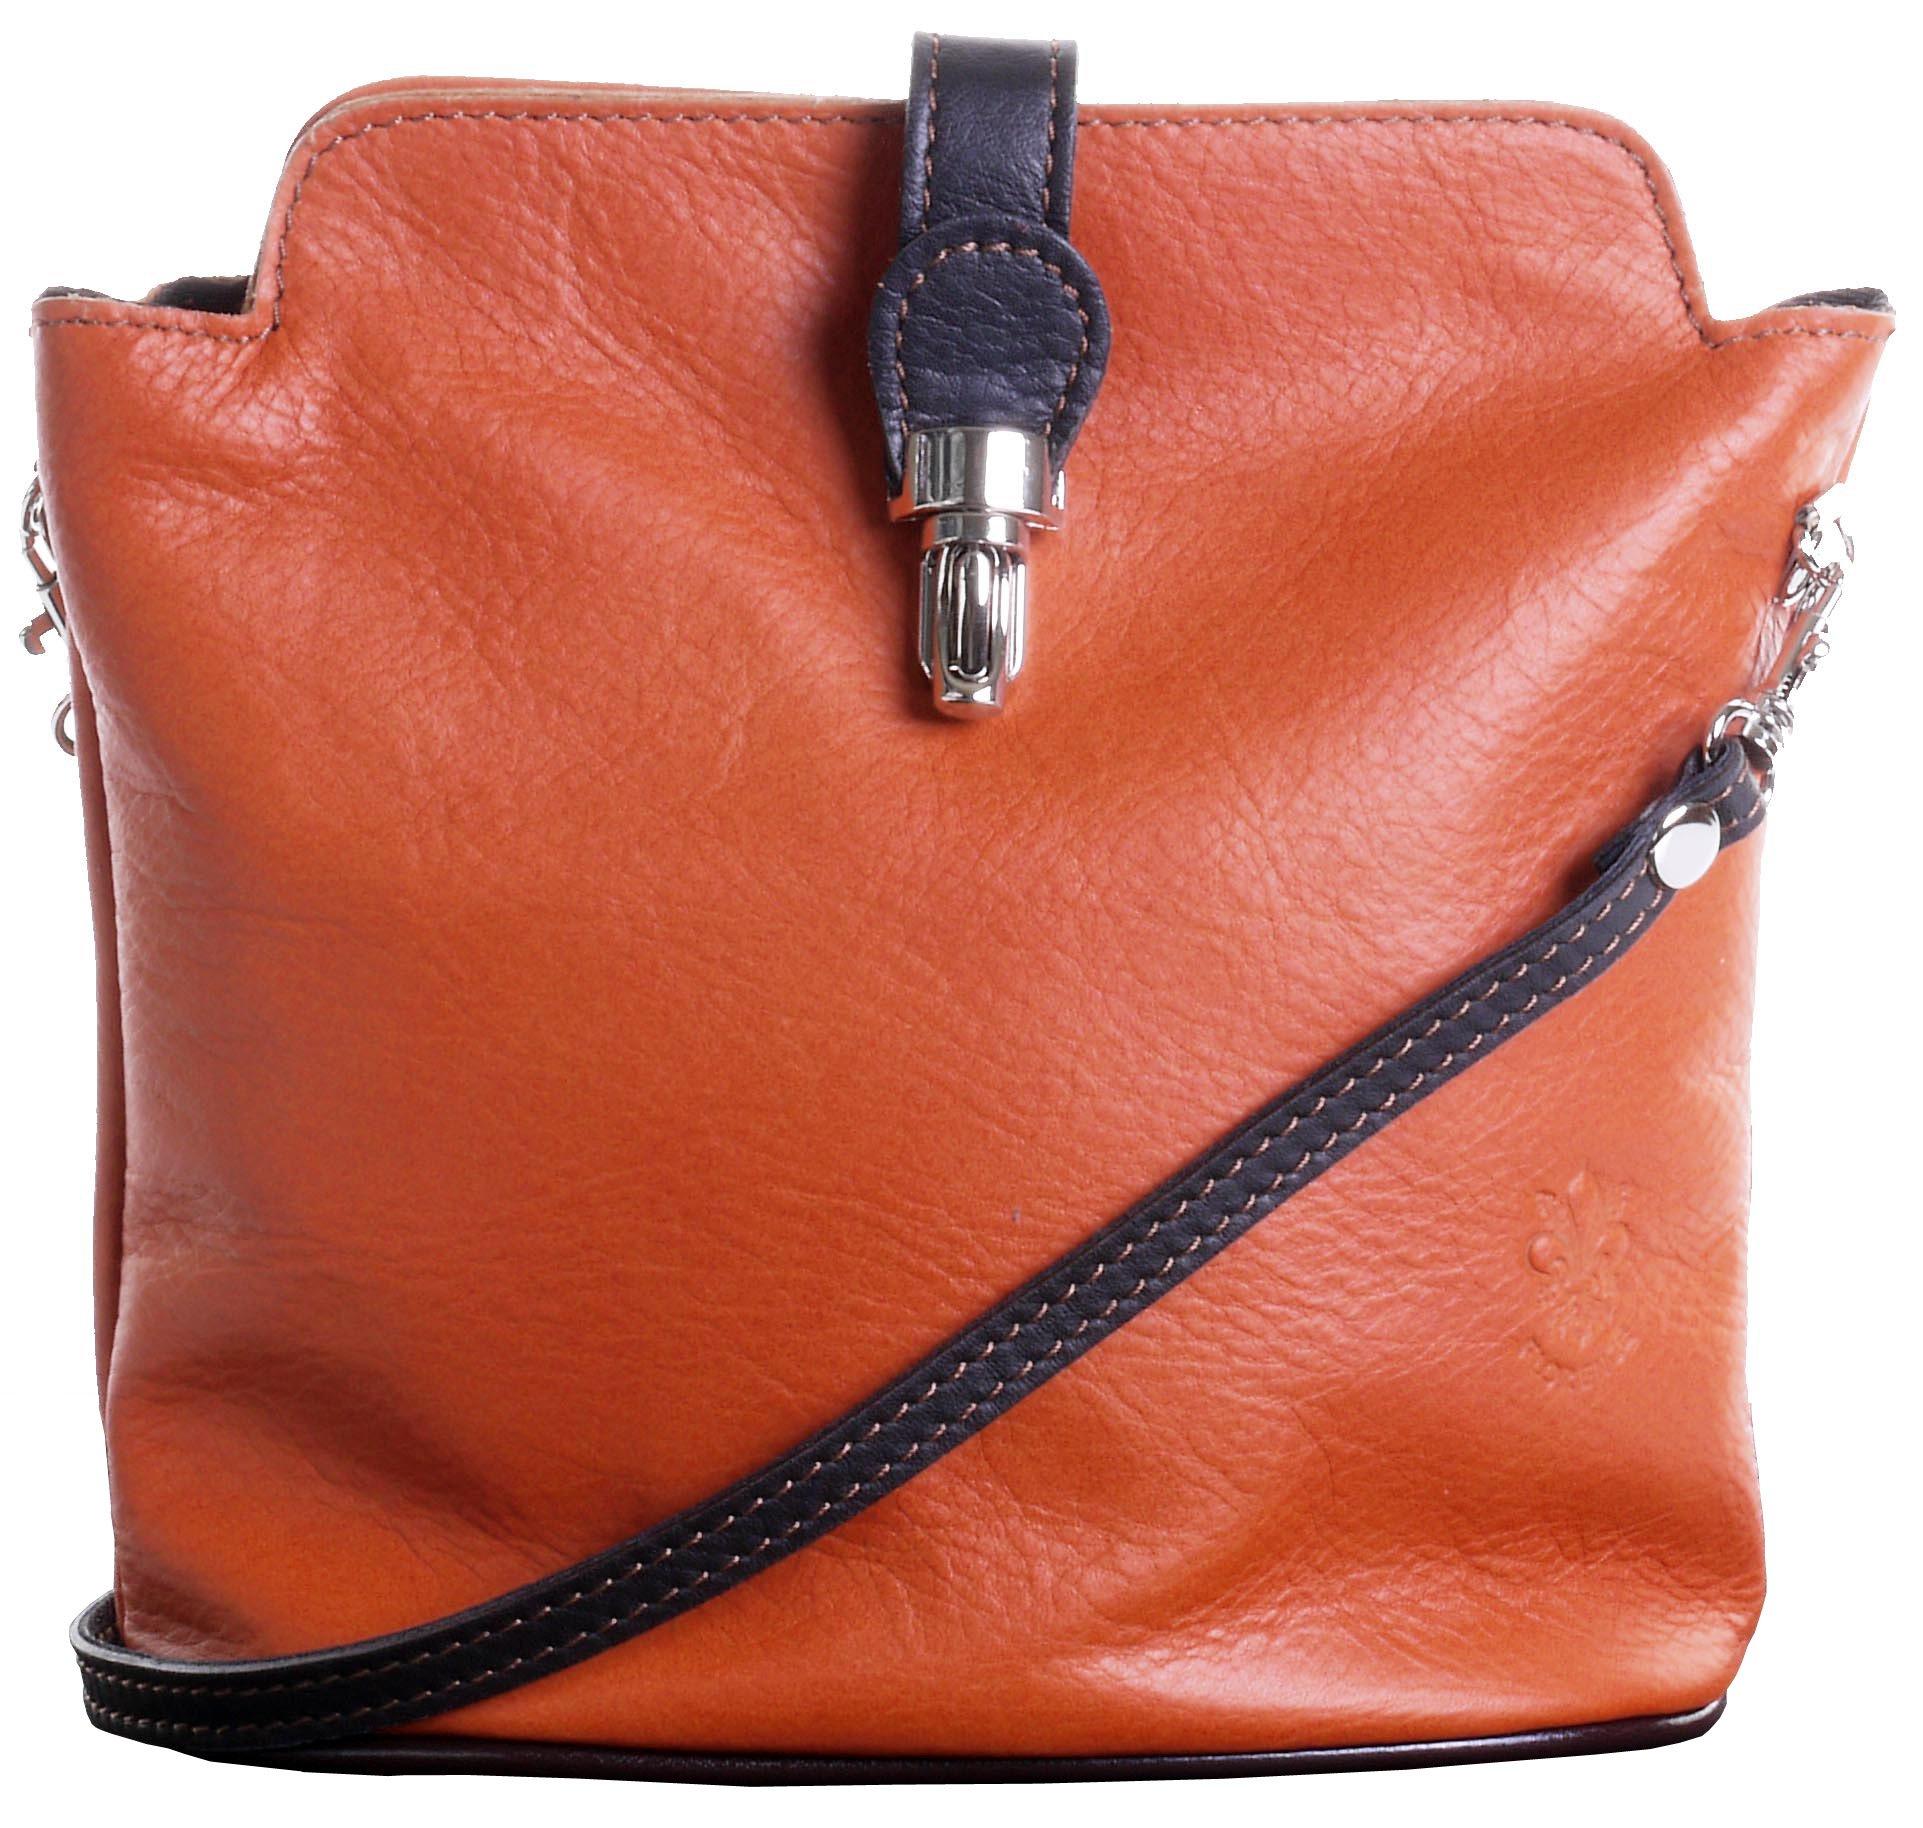 Primo Sacchi Italian Soft Leather Hand Made Small Tan and Brown Cross Body or Shoulder Bag Handbag